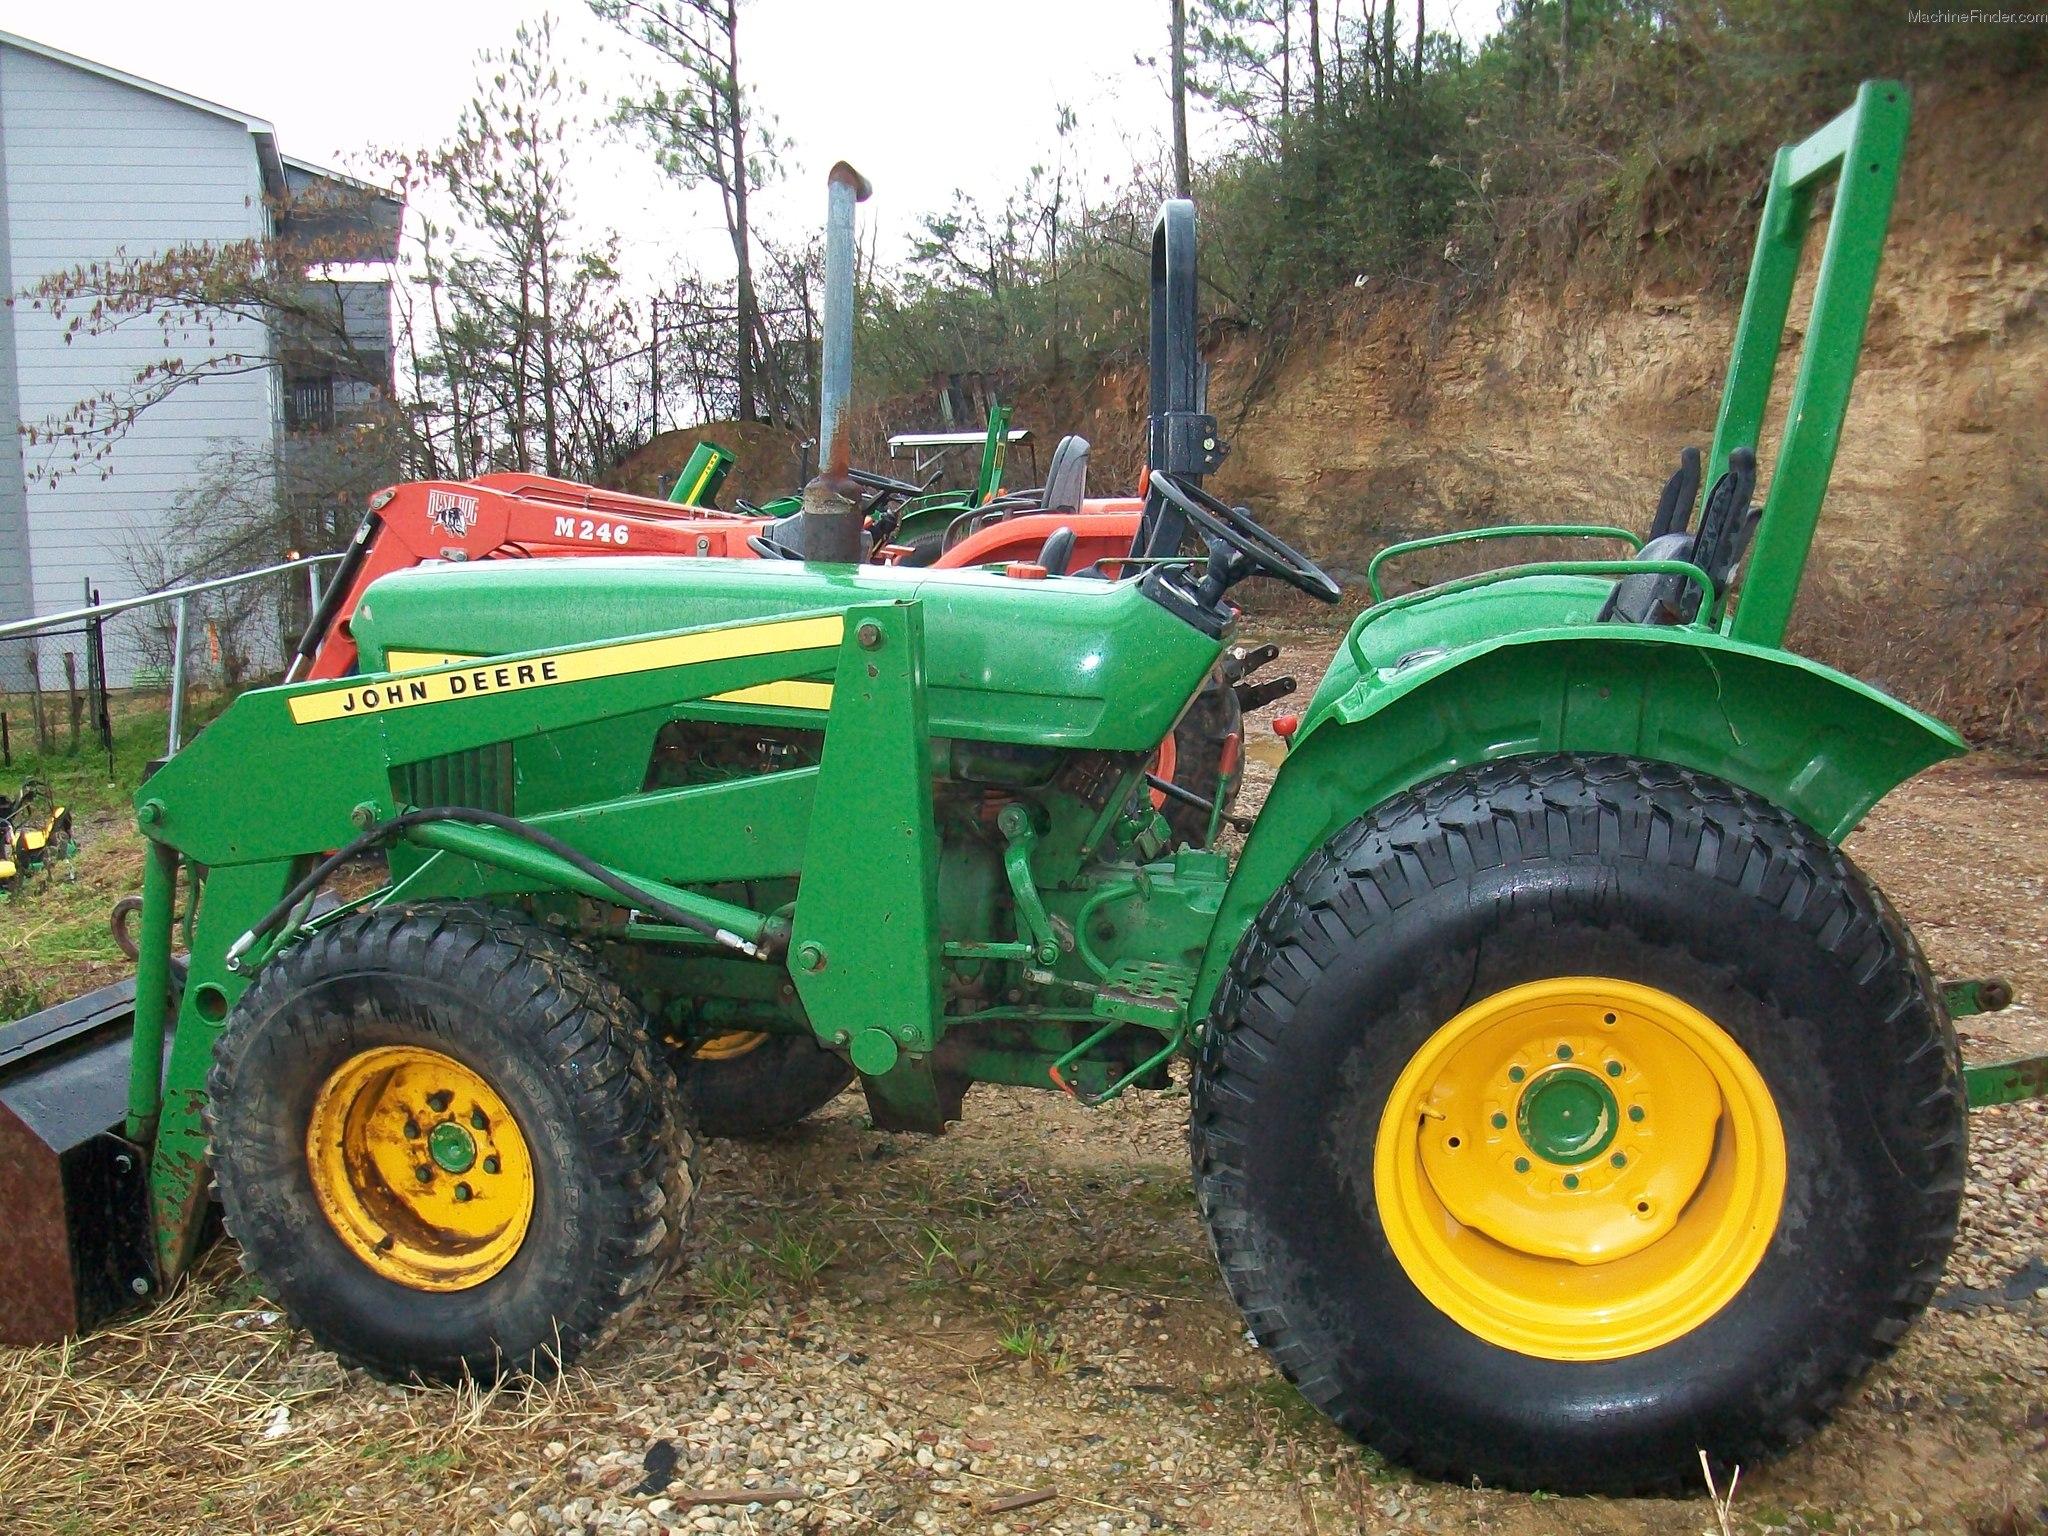 John Deere 950 Tractors - Compact (1-40hp.) - John Deere MachineFinder